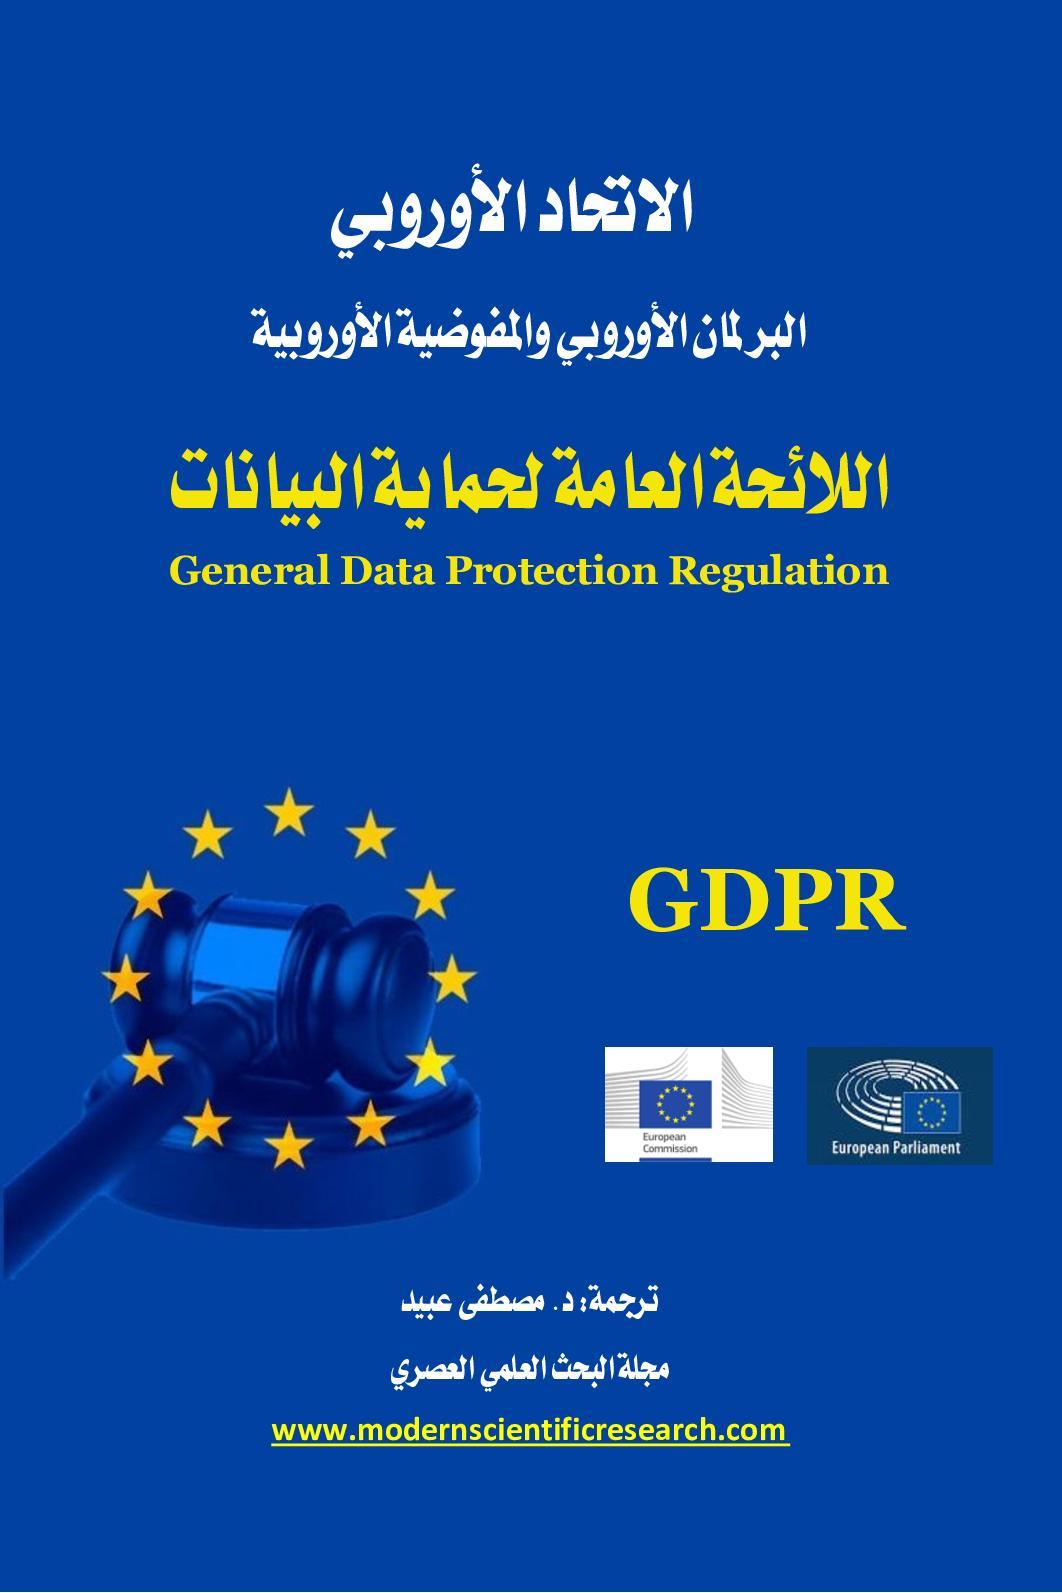 اللائحة العامة لحماية البيانات، الاتحاد الأوروبي، ترجمة د مصطفى عبيد